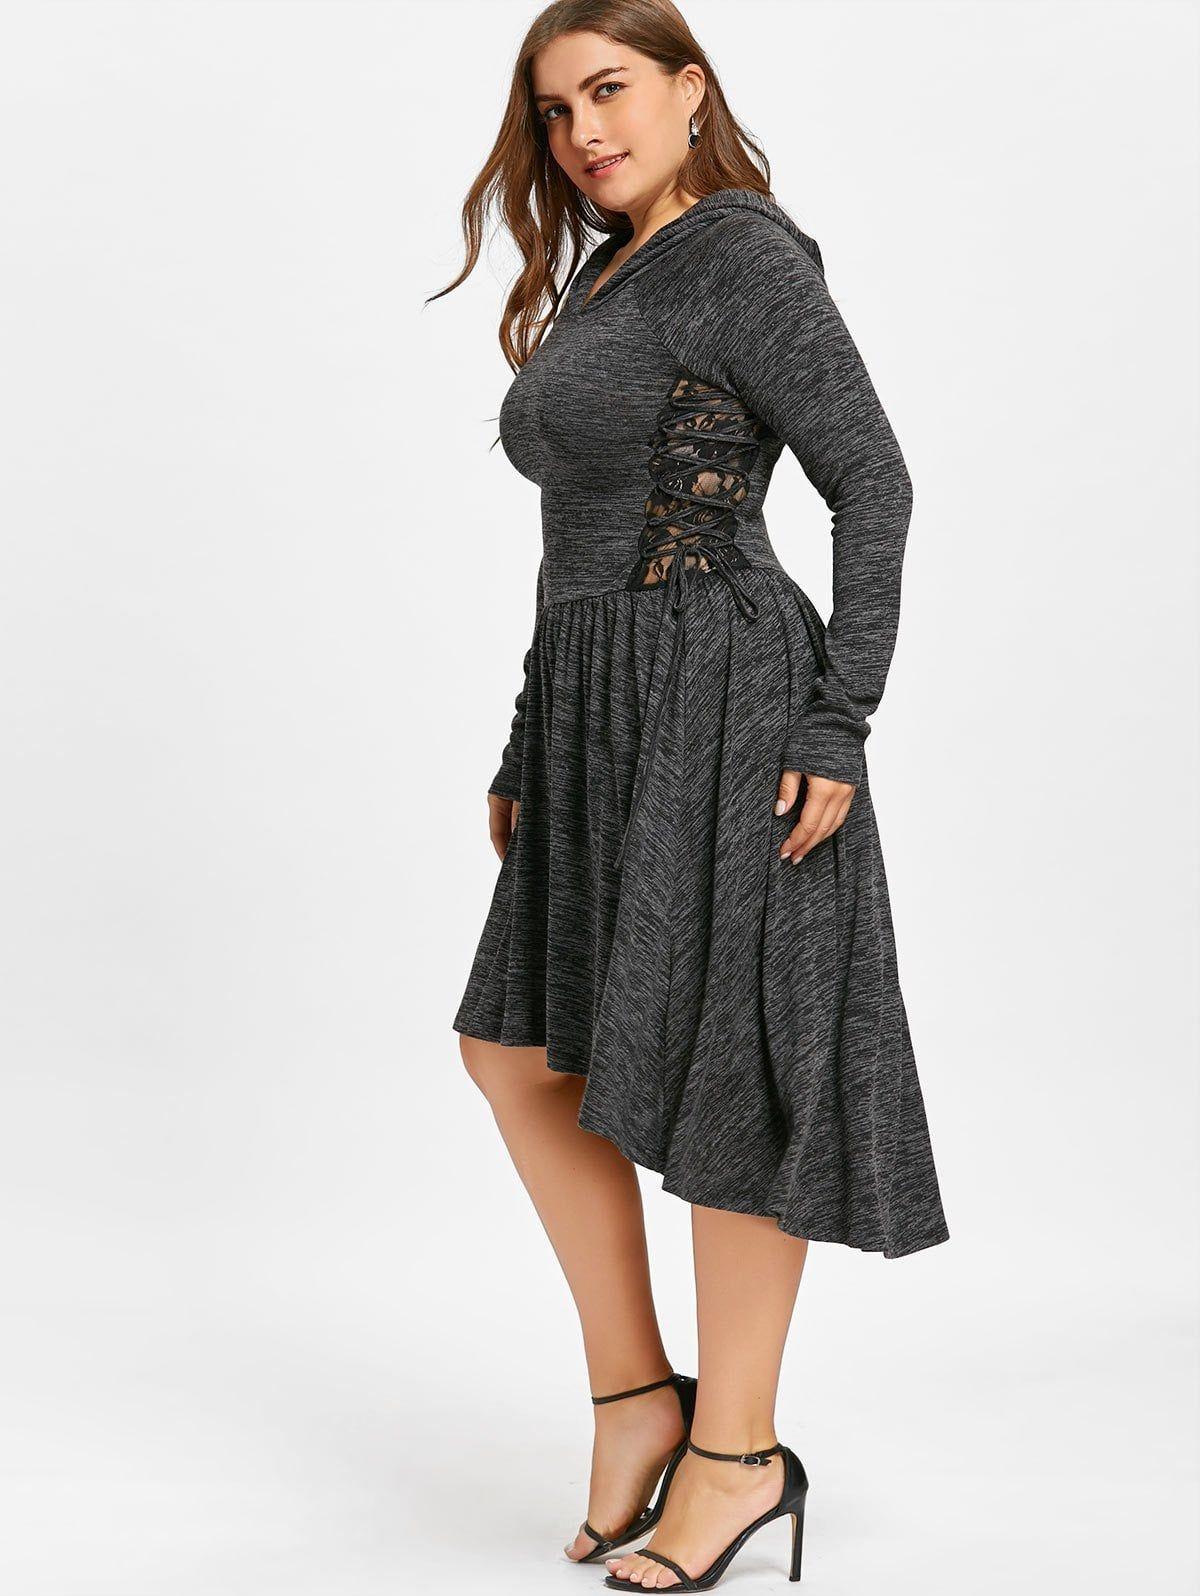 6e6bc3820e3 Plus Size Hooded Lace Up Dip Hem Dress - BLACK 5XL Clothing Sites